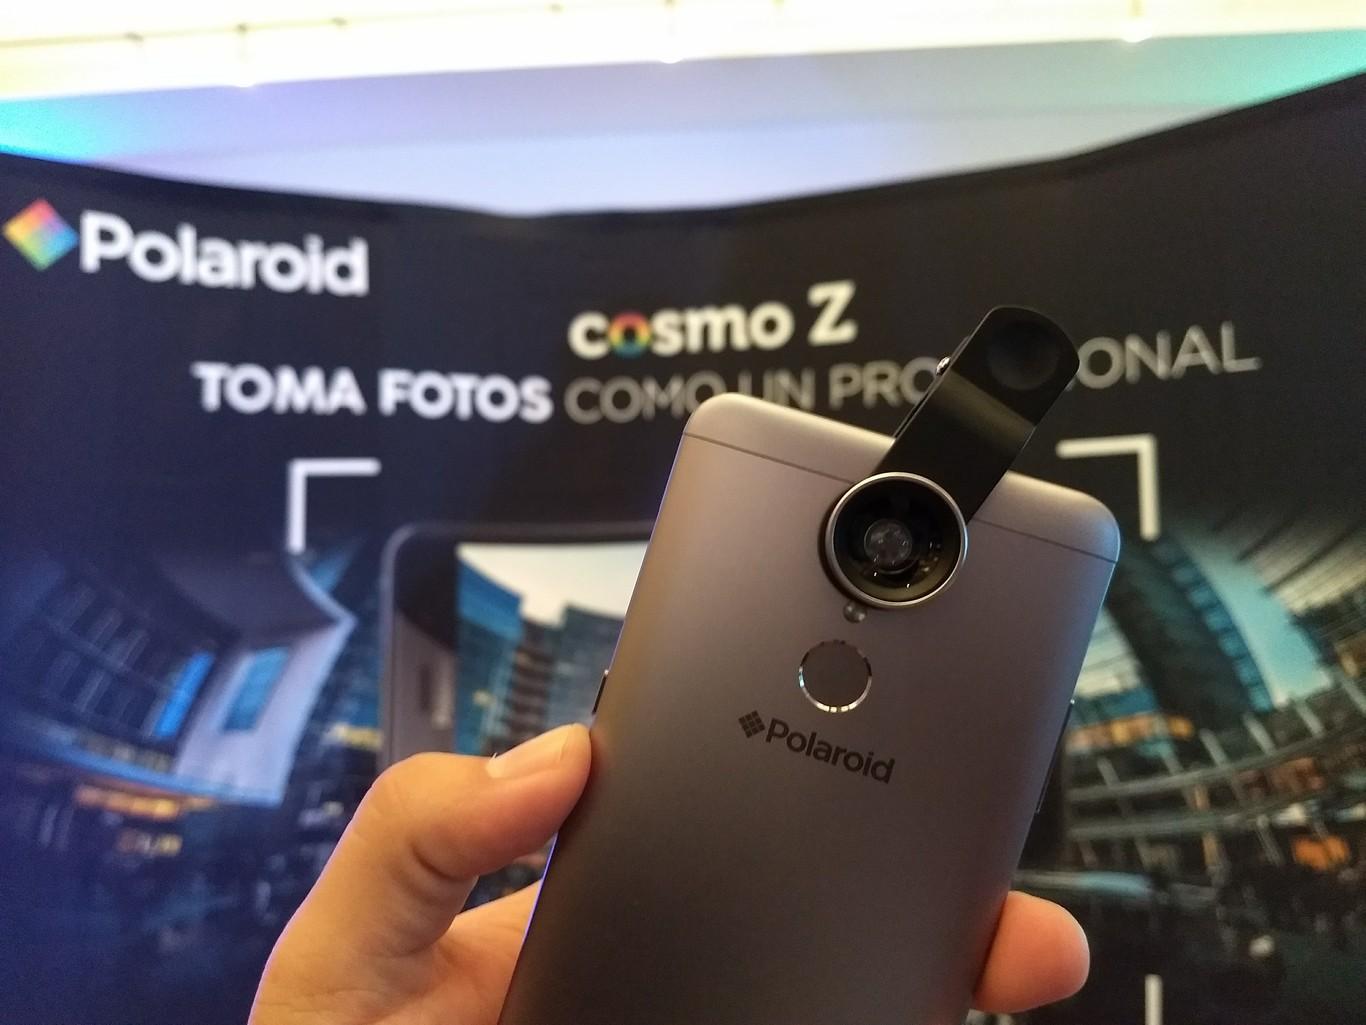 727022b0e4 Cosmo Z, este es el smartphone gama media con el que Polaroid despide el año